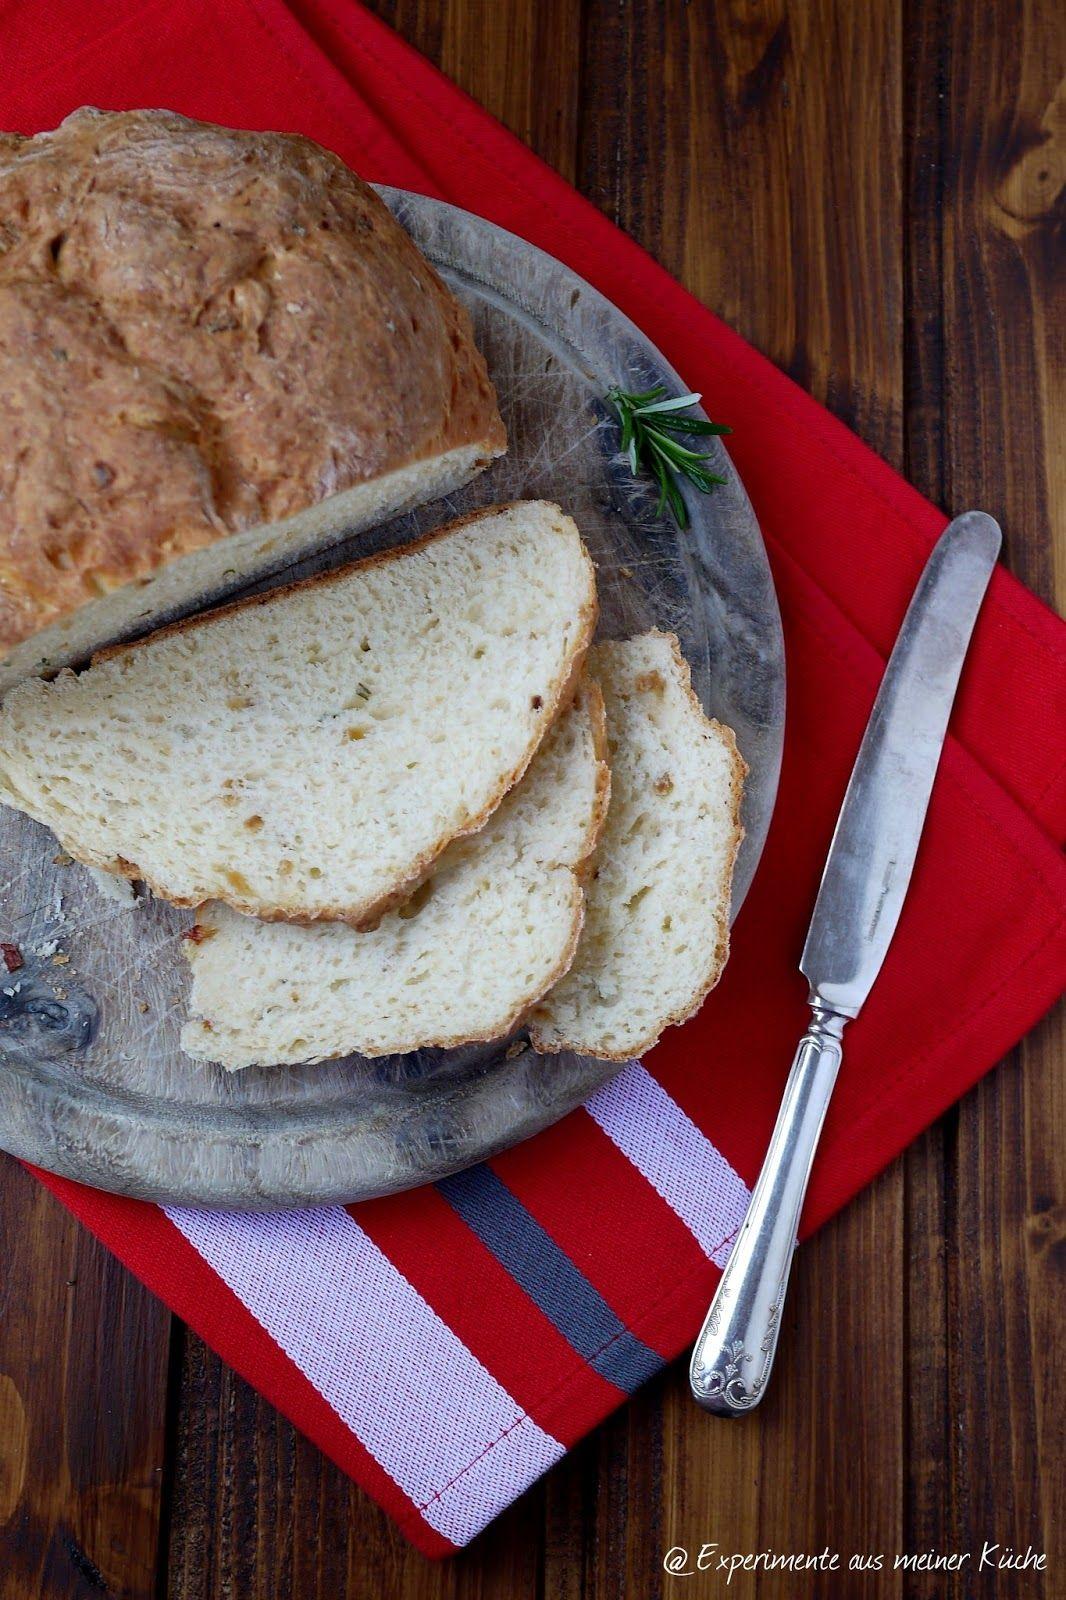 Experimente aus meiner Küche: Mediterranes Quarkbrot #breadbakingfriday